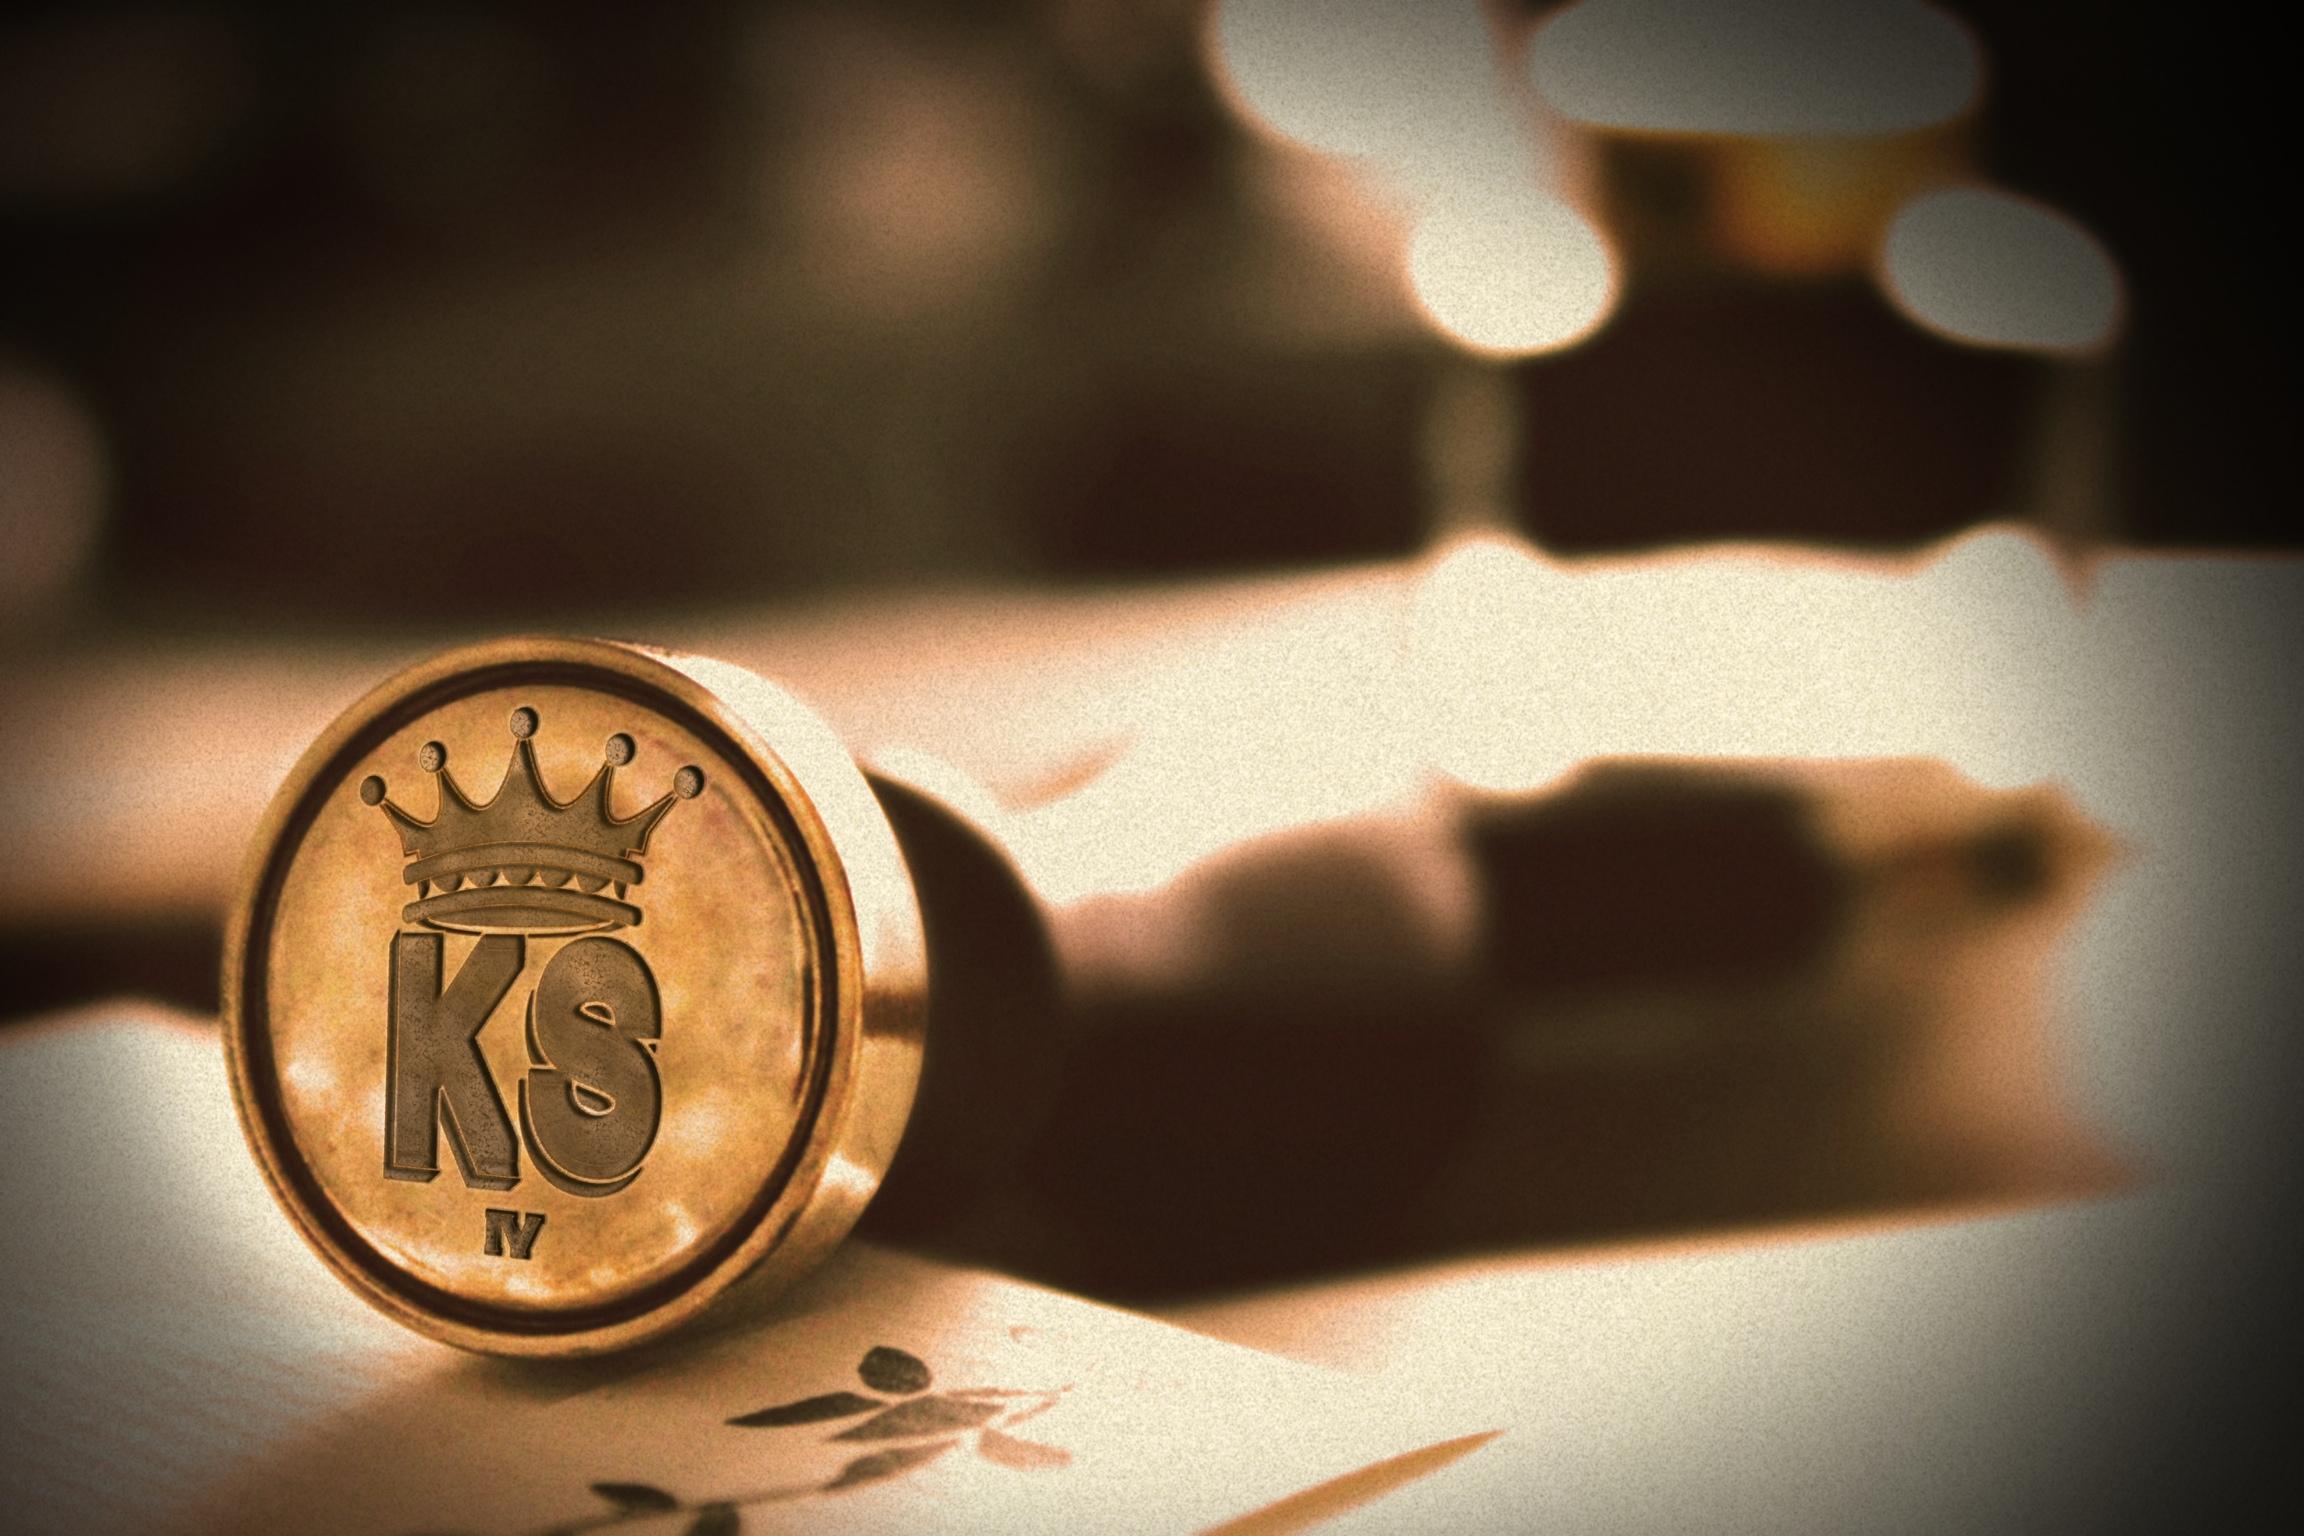 king series brand